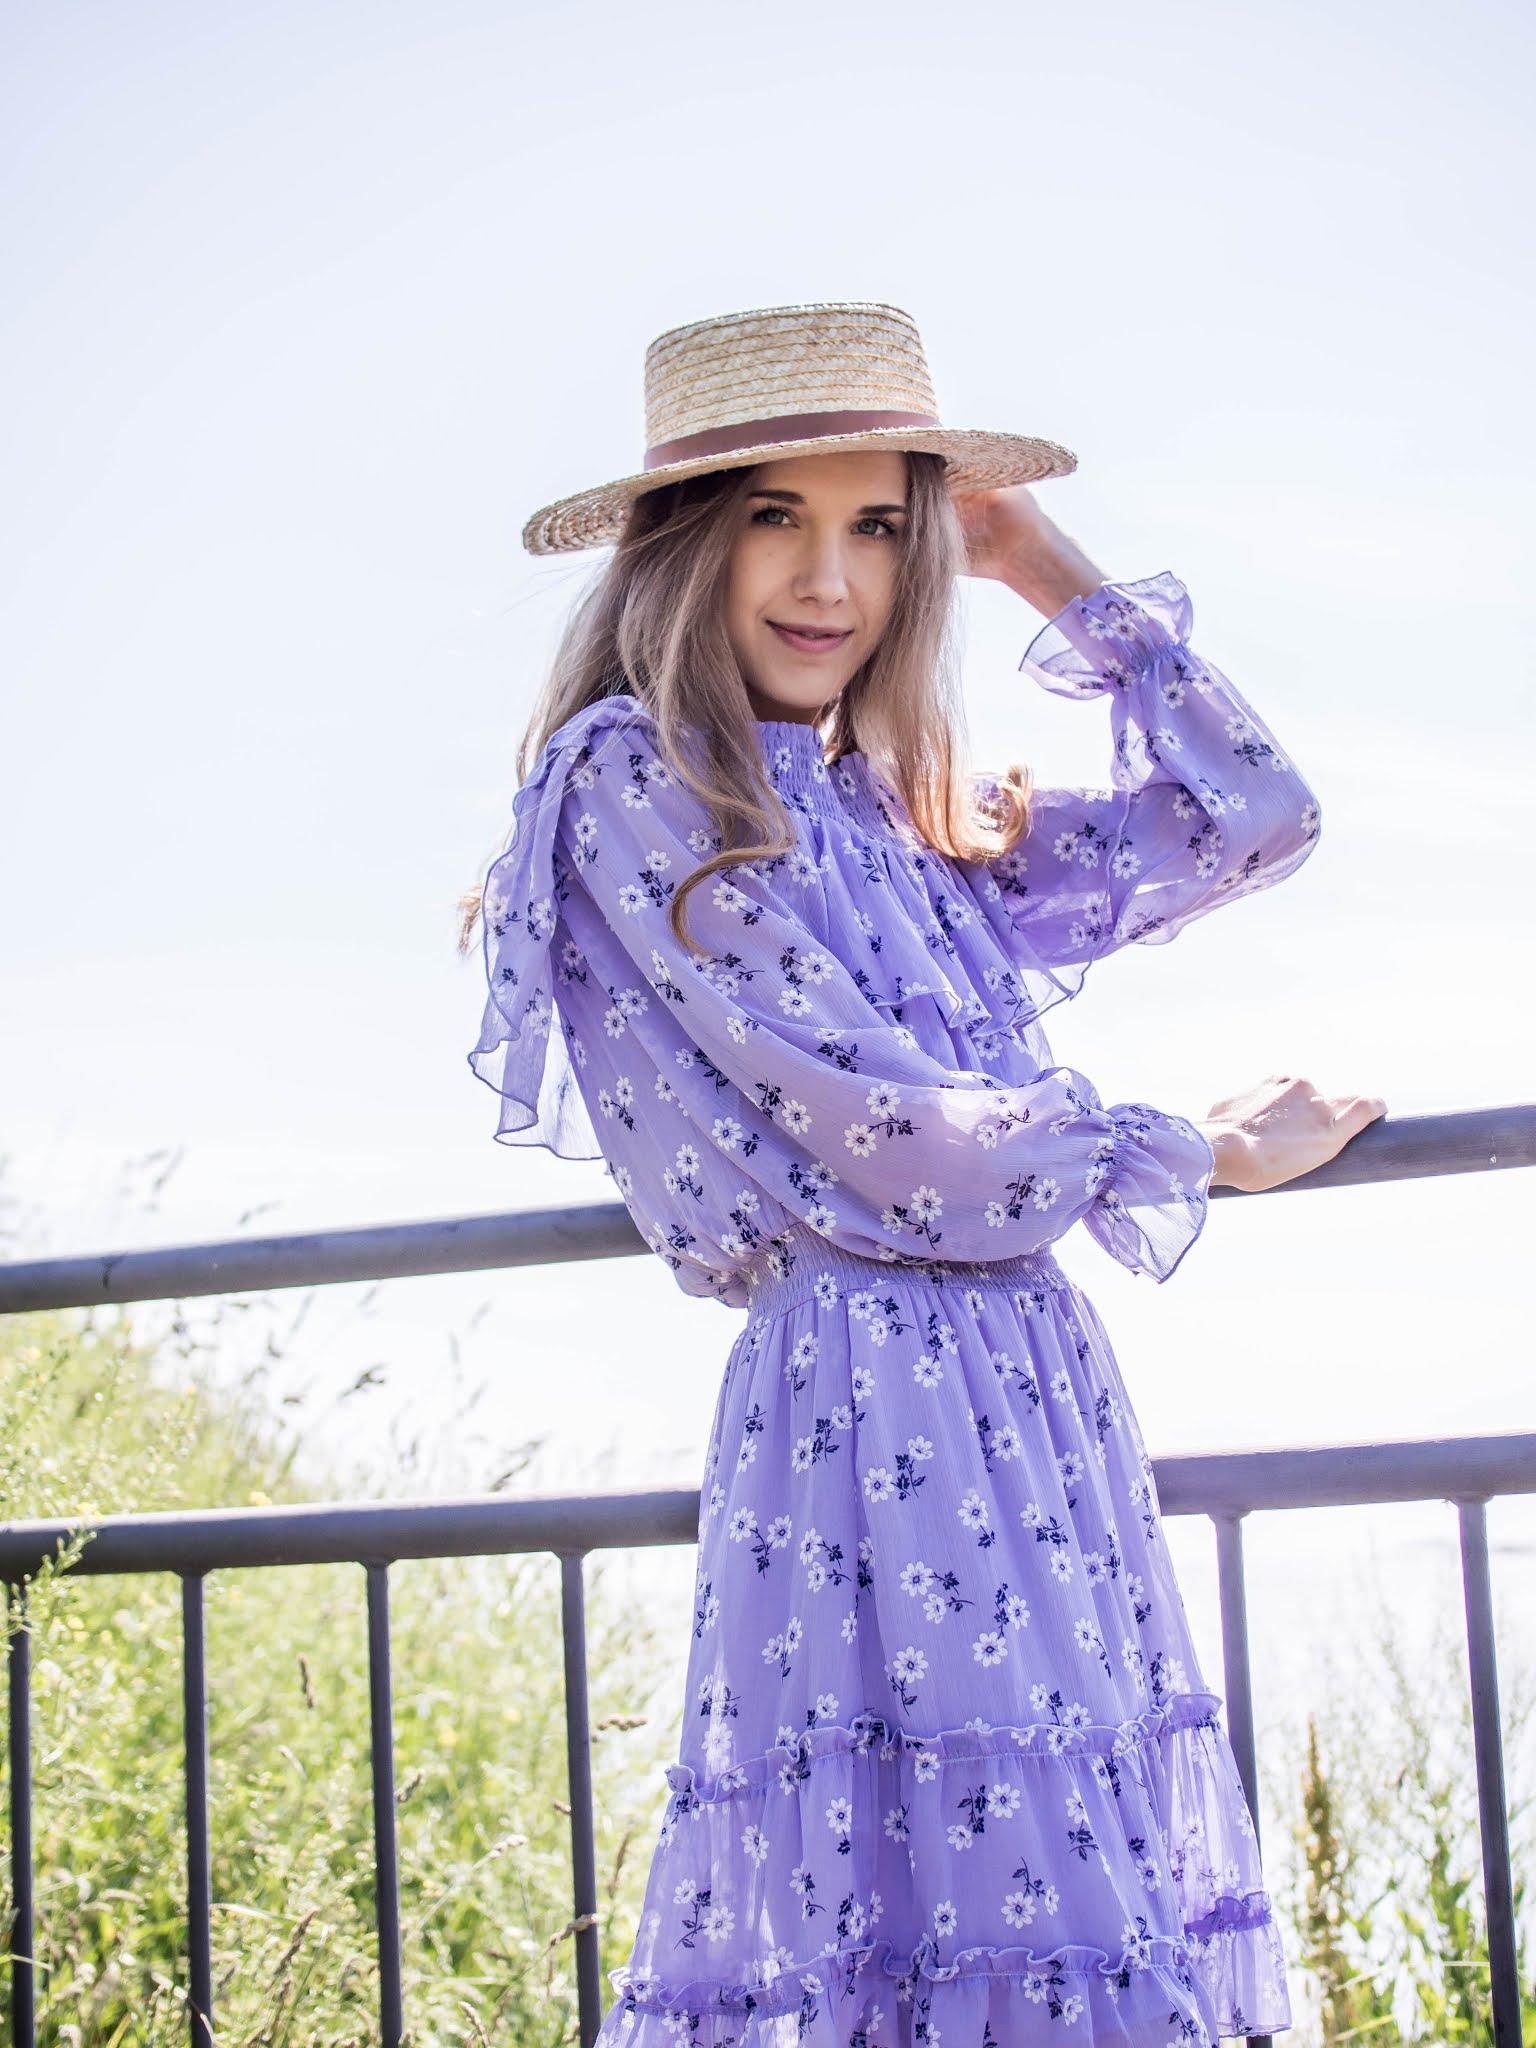 Fashion blogger summer outfit inspiration - Kesämuoti, bloggaaja, asuinspiraatio, kukkamekko